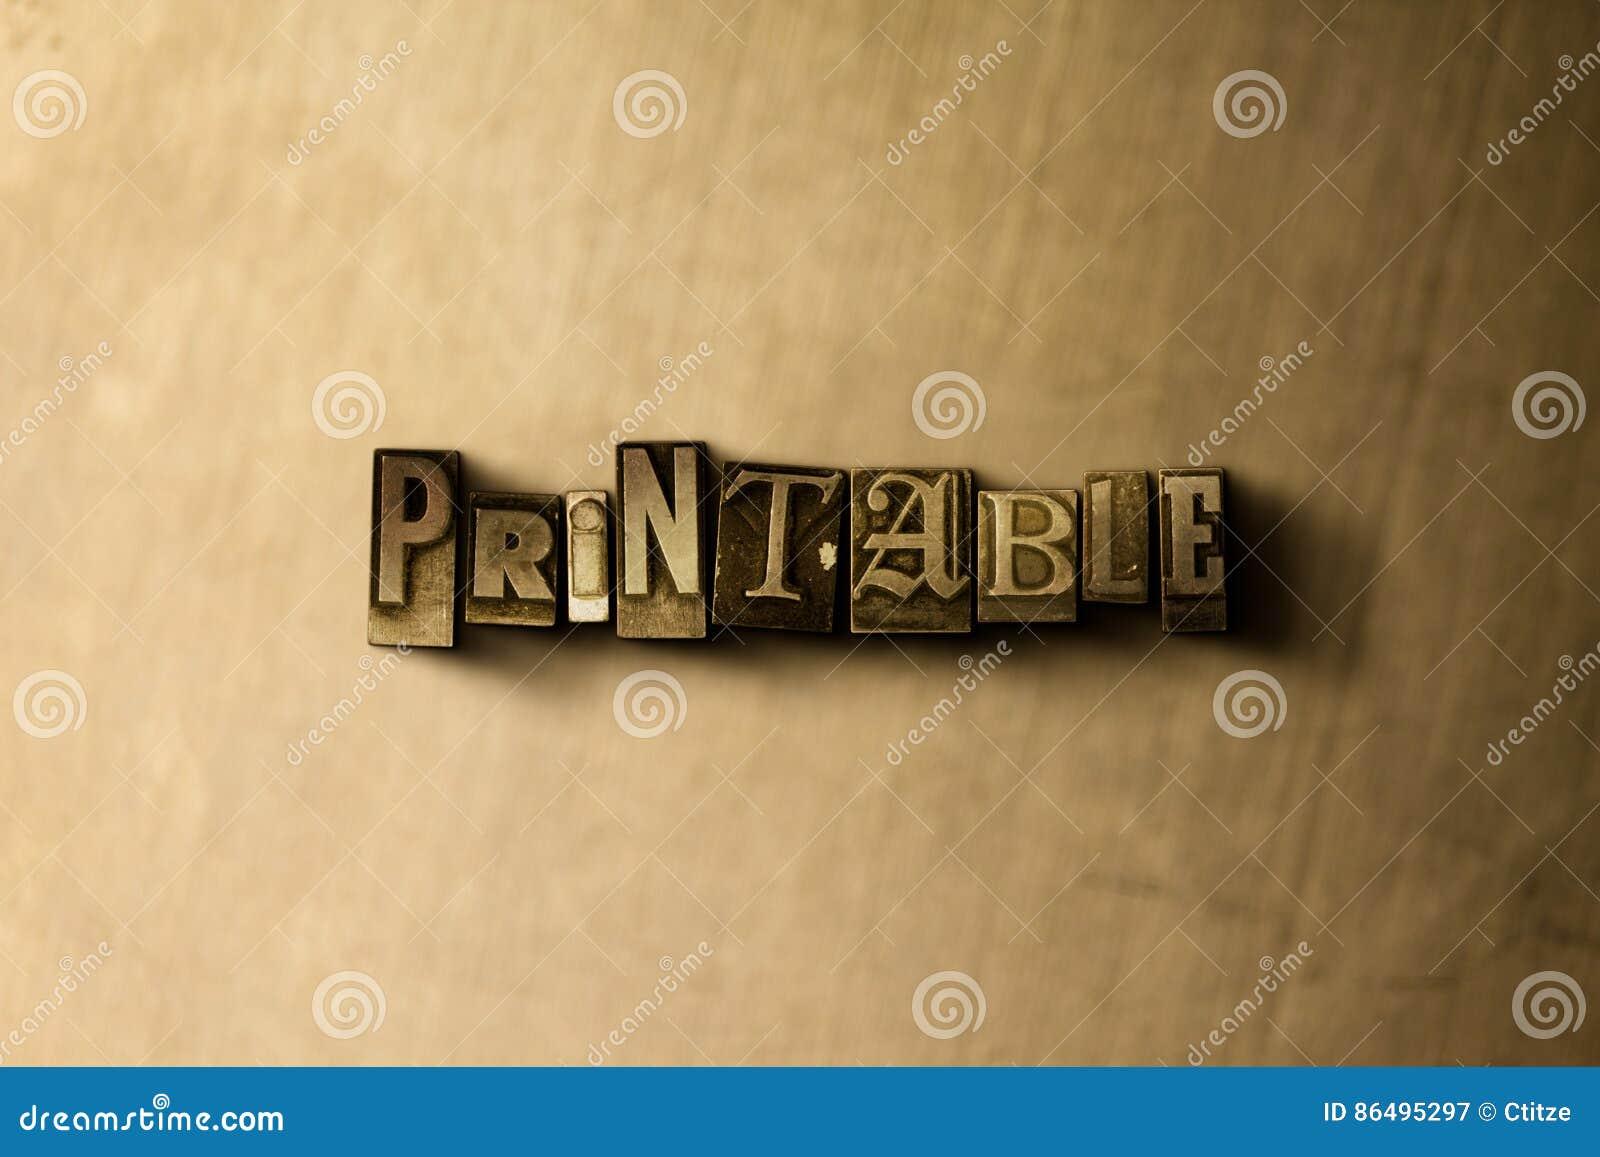 PRINTABLE - zakończenie grungy rocznik typeset słowo na metalu tle